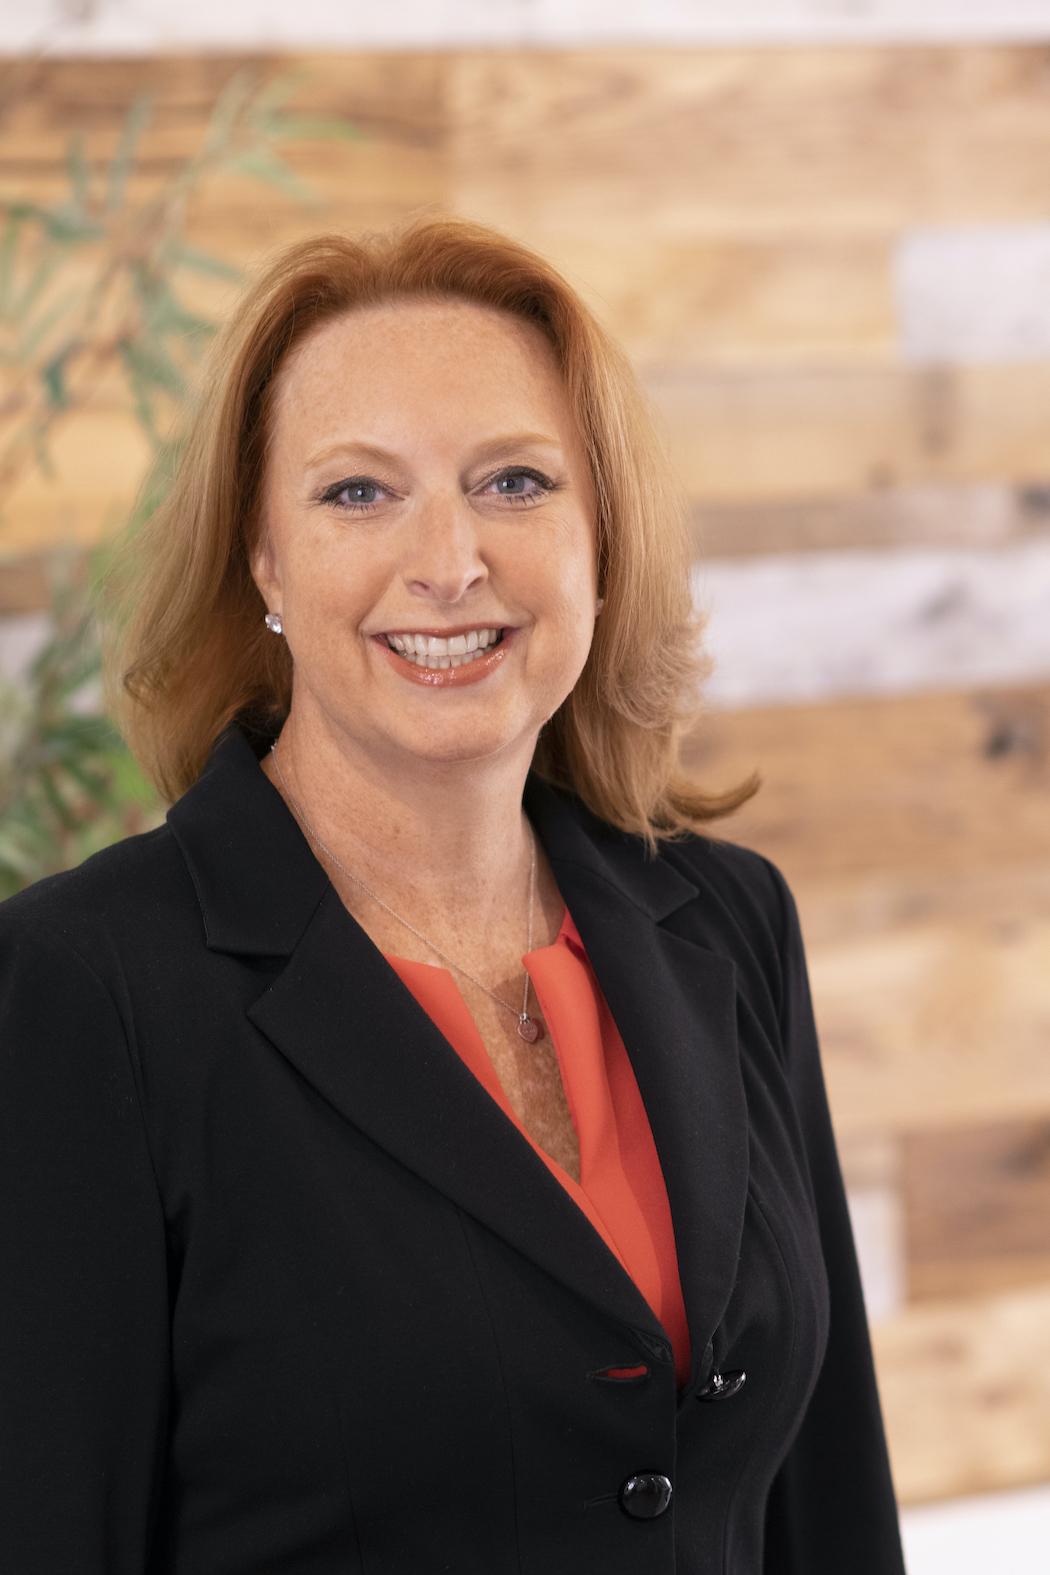 Michelle Zettergren